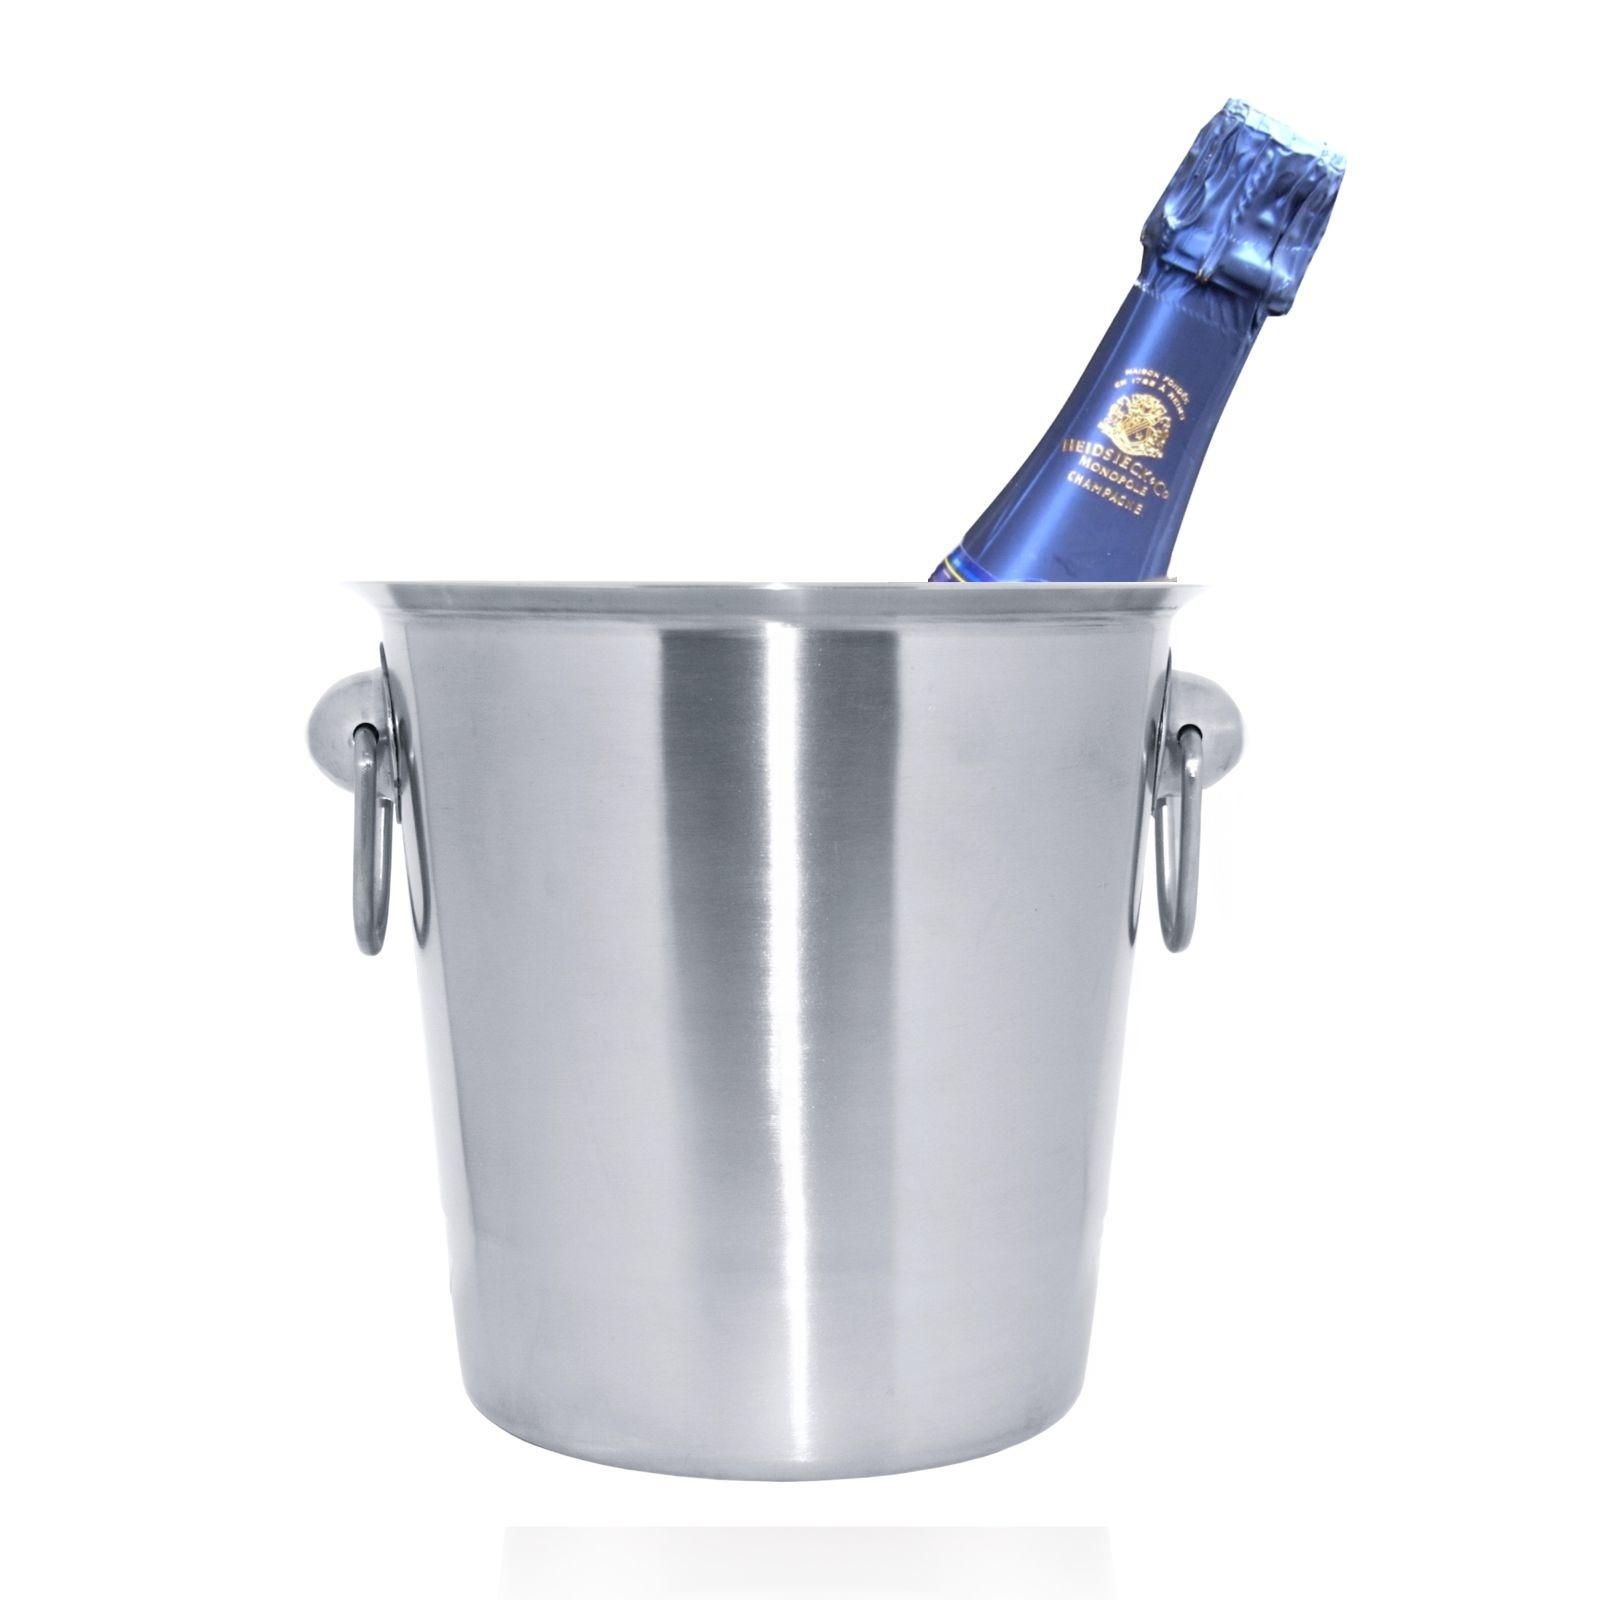 Champagnekoeler inox